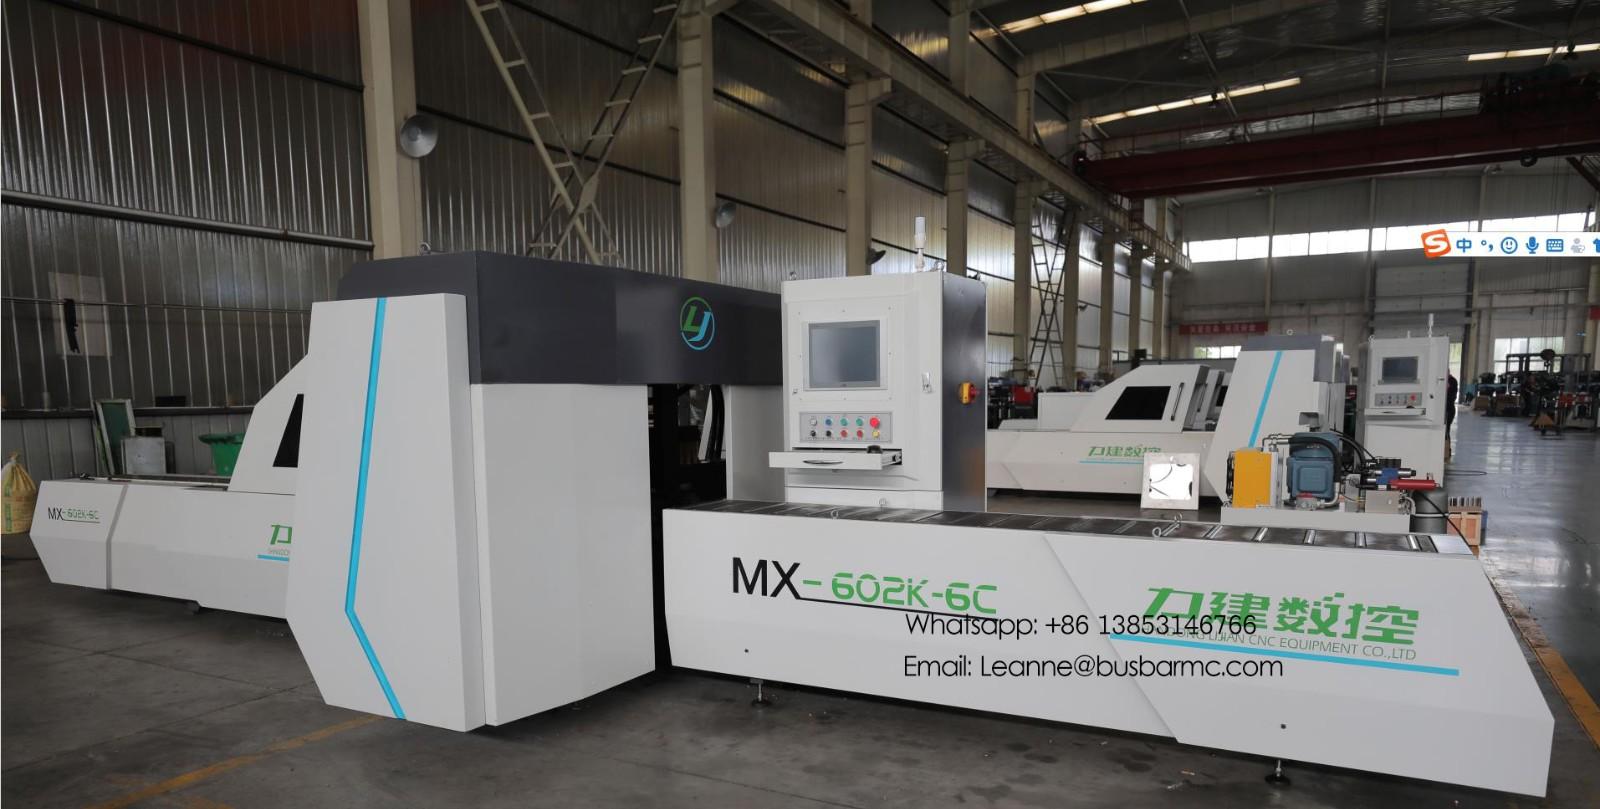 MX402K-7C copper busbar processing machine